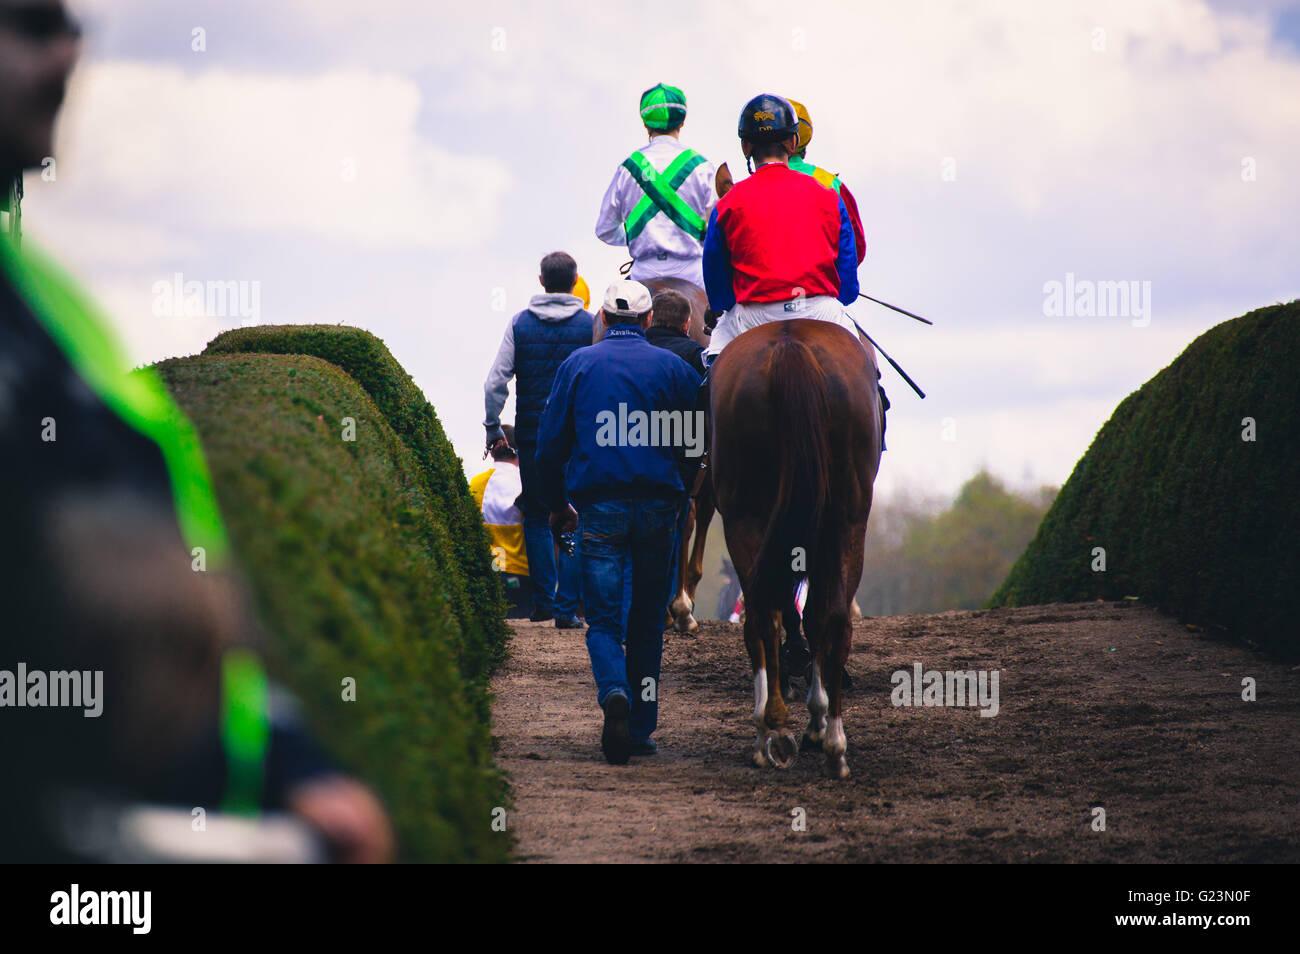 Los jinetes antes de la competencia del circuito de carreras de caballos Imagen De Stock